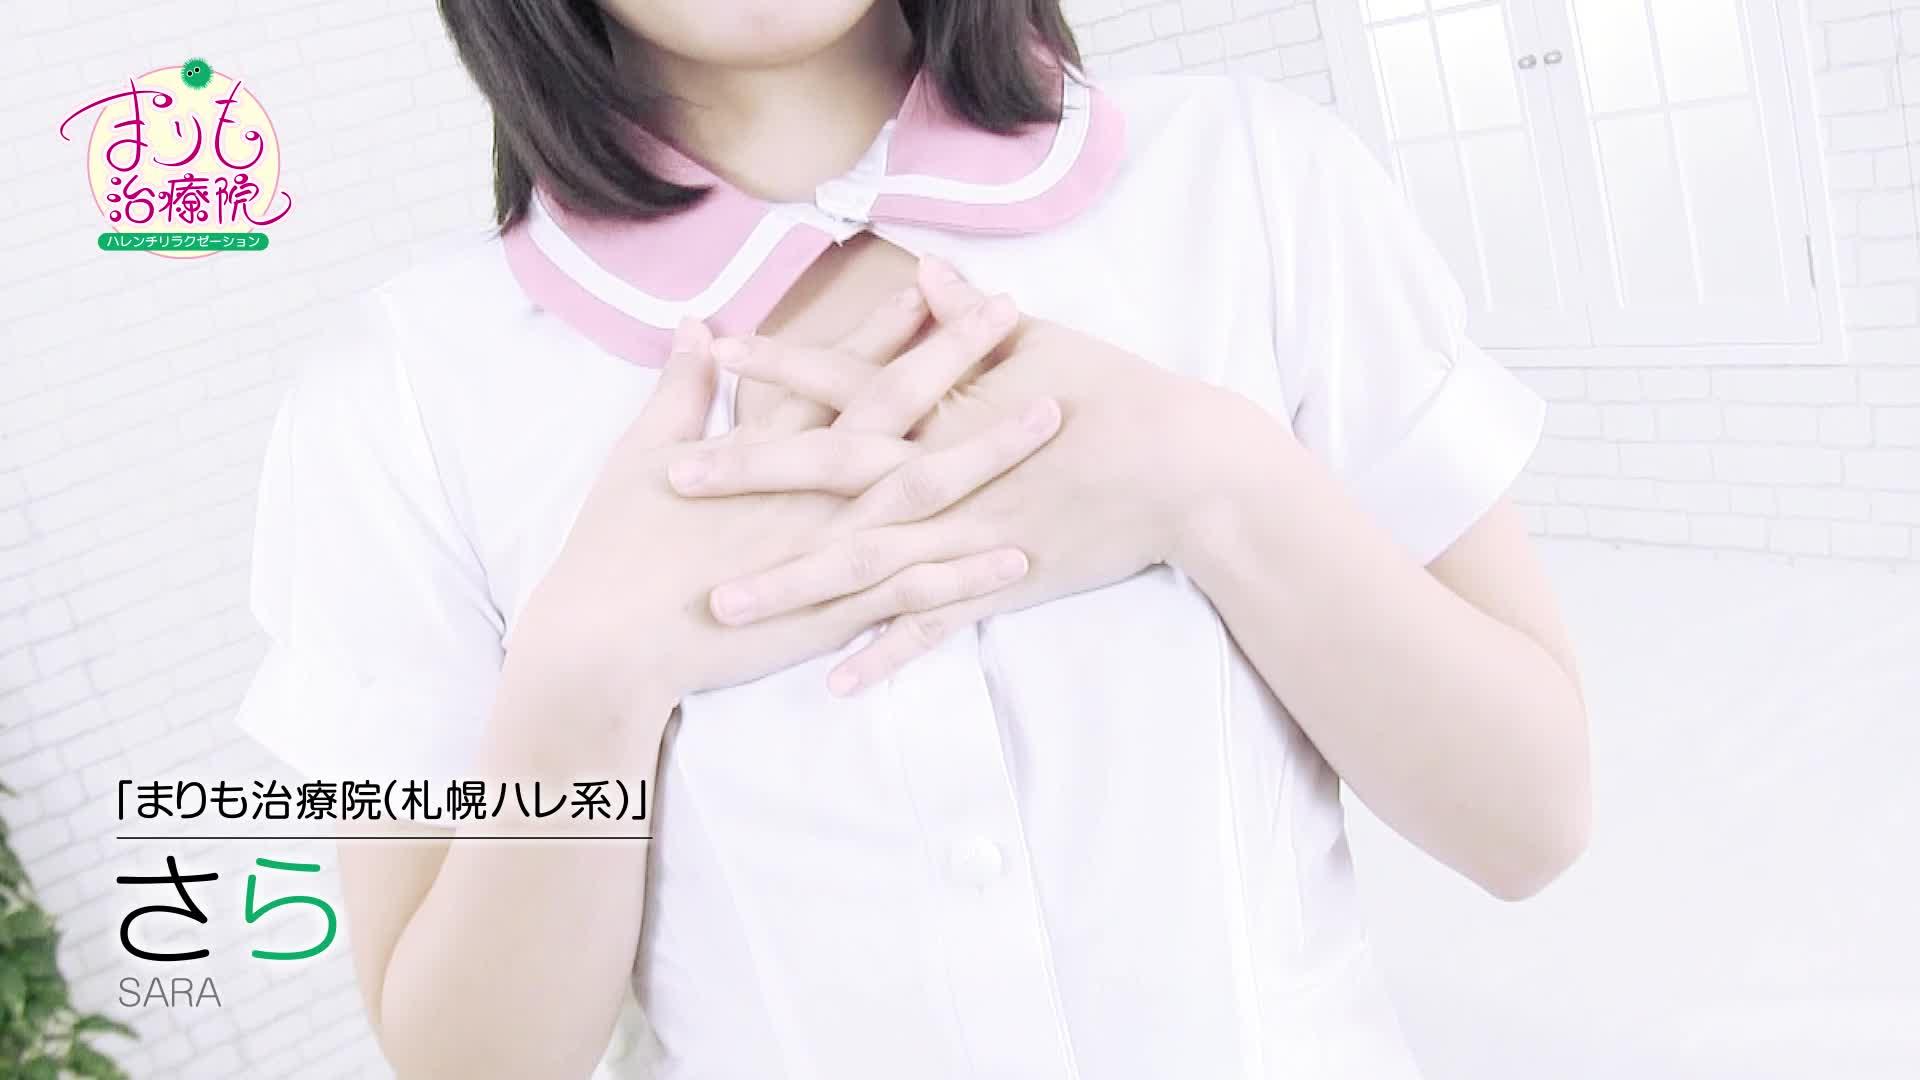 まりも治療院(札幌ハレ系) 風俗動画